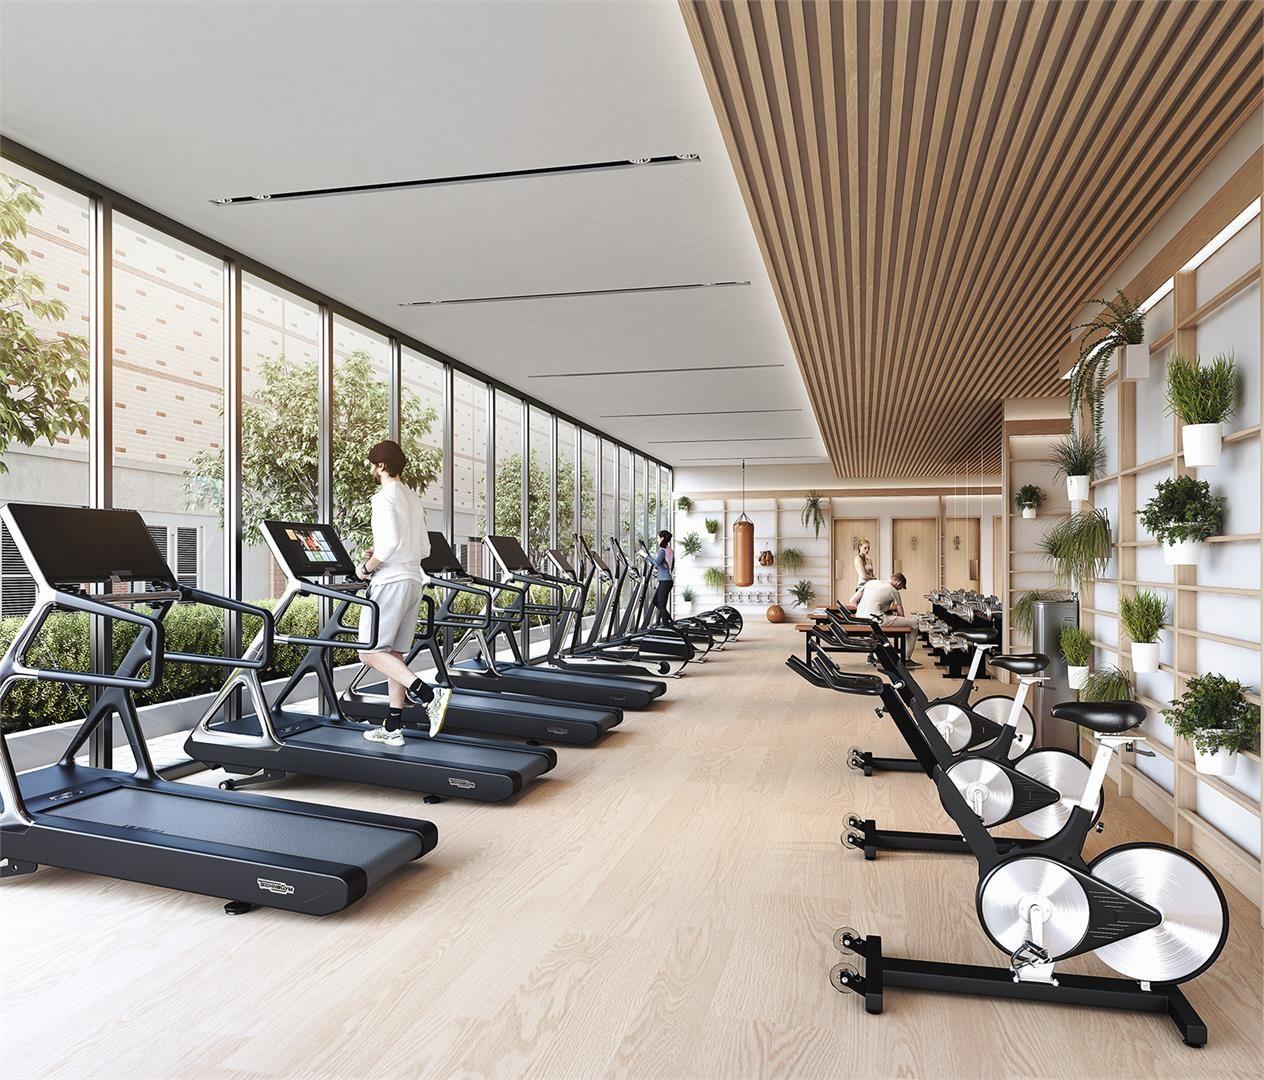 Interior Design Ideas For Home Gym: Interior Photo Of Central Condos